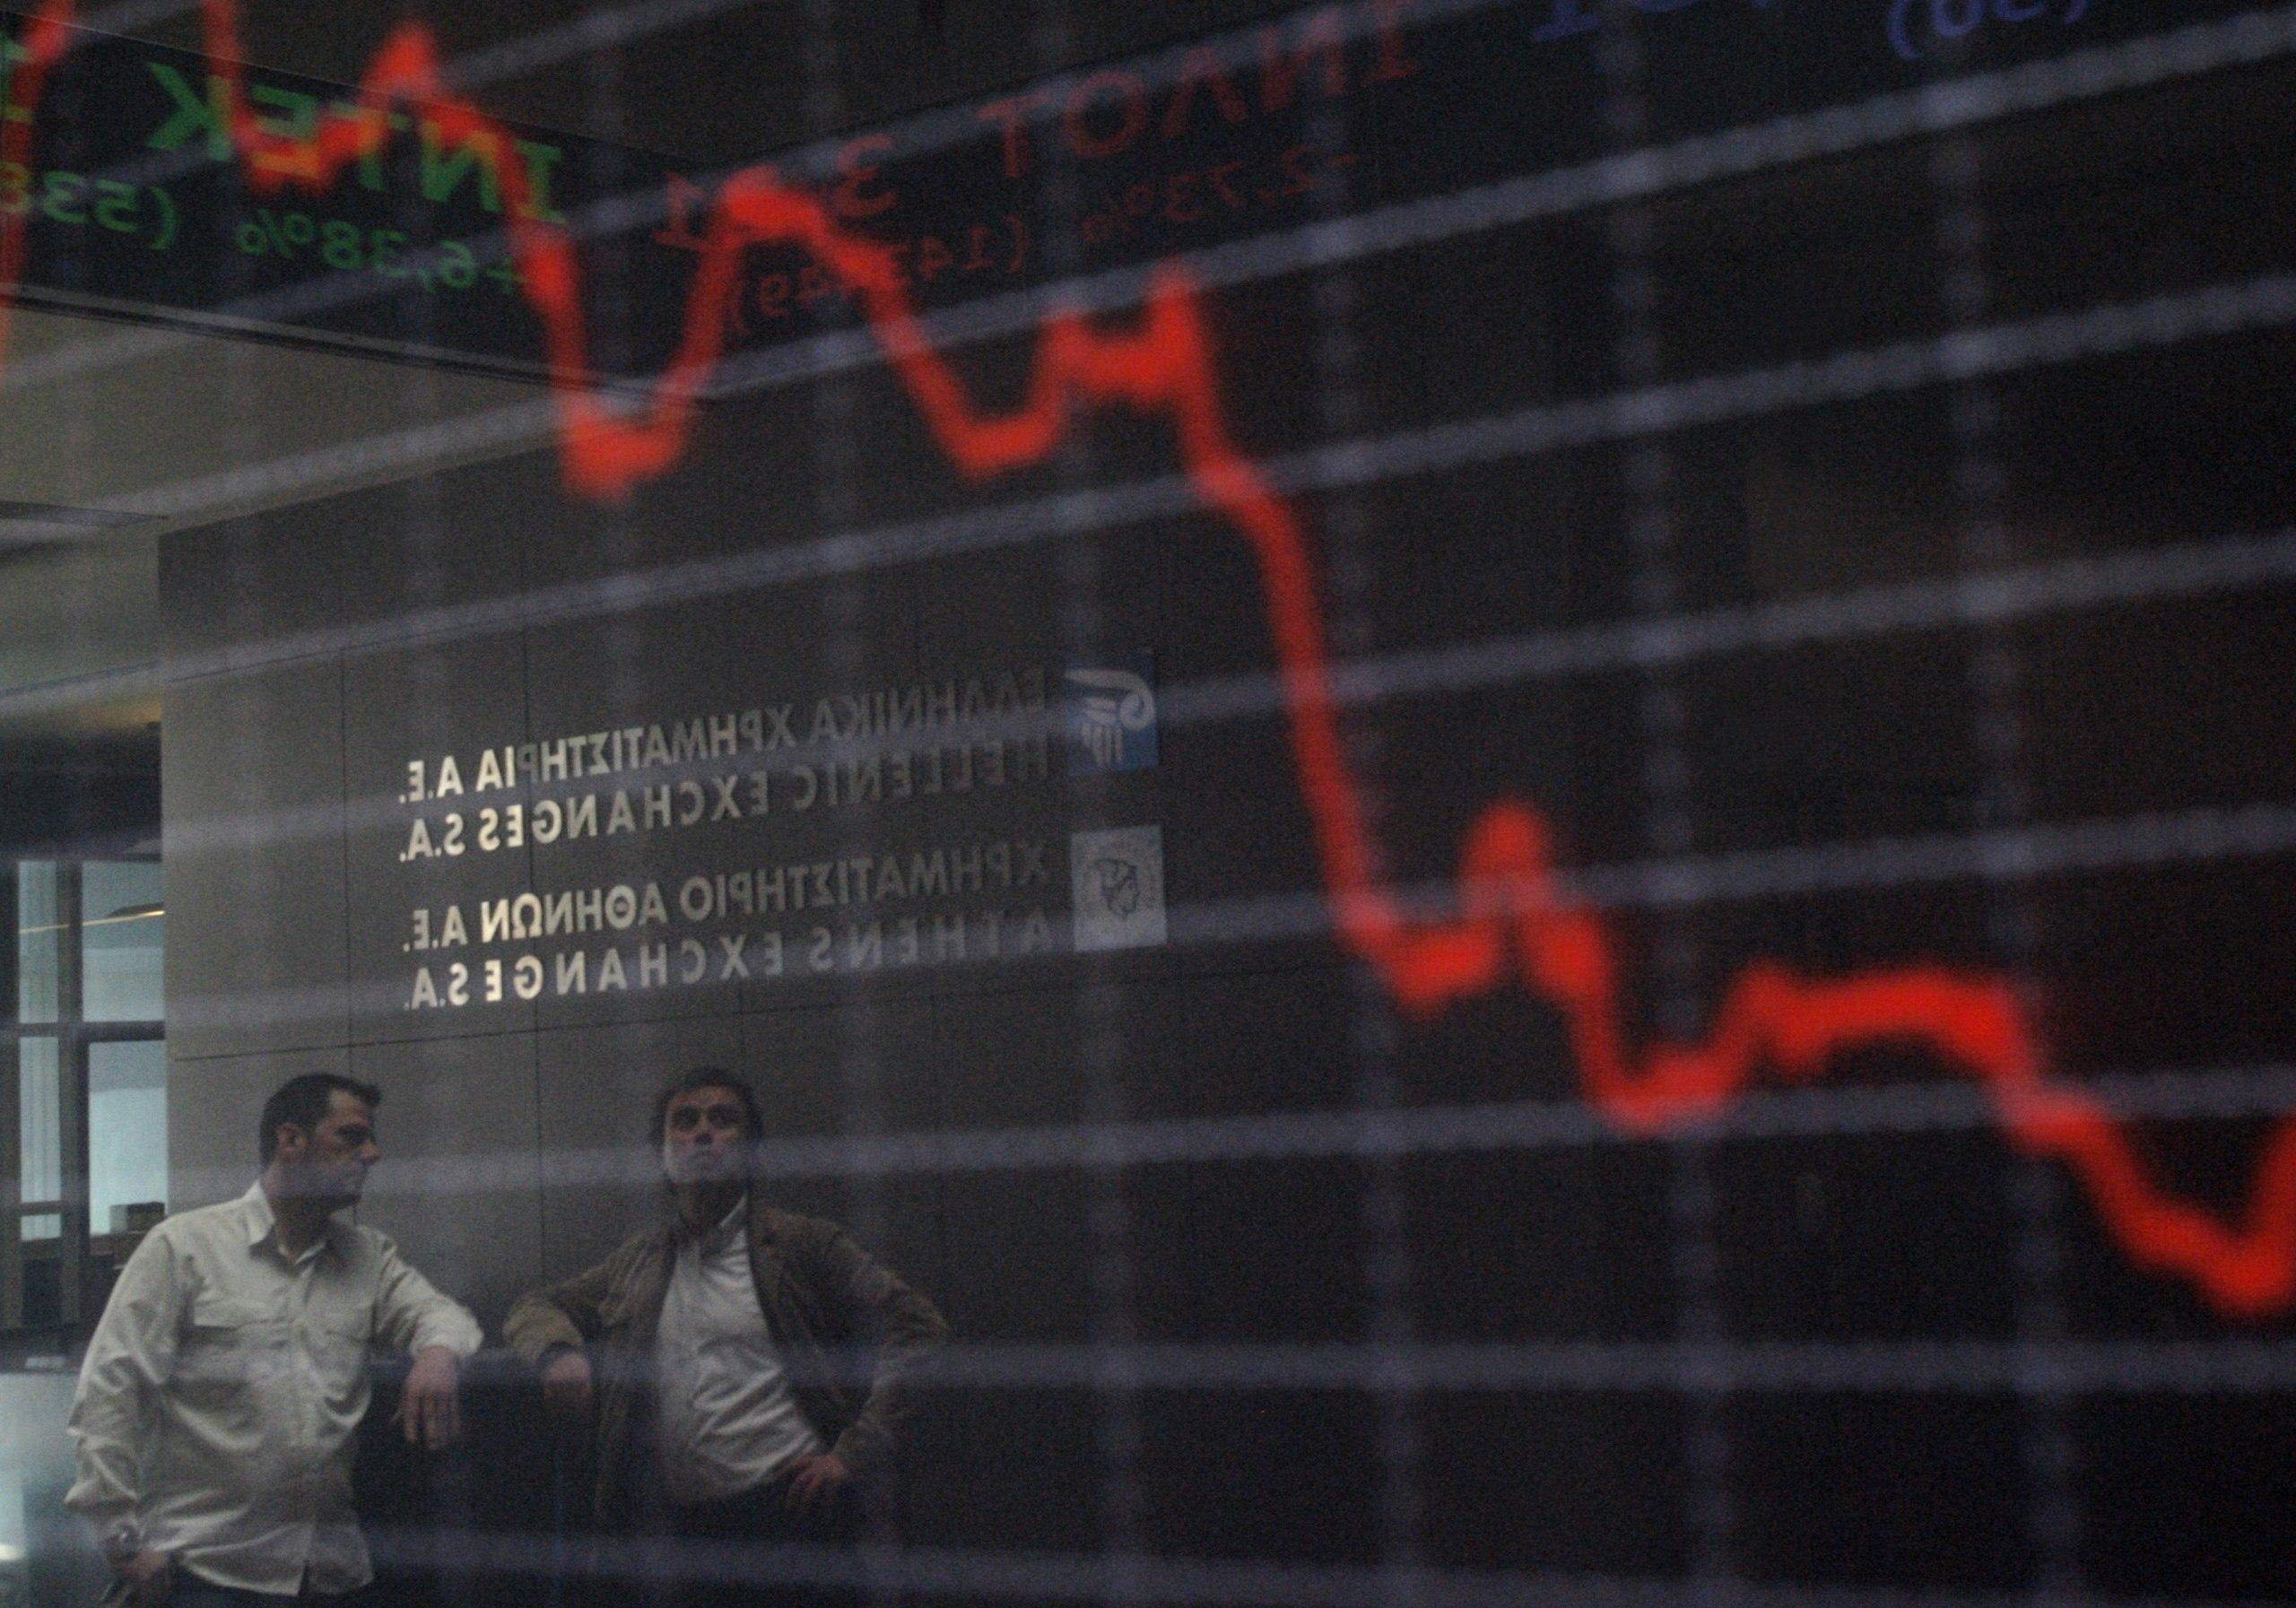 Οι μεγάλες πτώσεις στην ιστορία του Γενικού Δείκτη και η συμπεριφορά της αγοράς μετά απ' αυτές